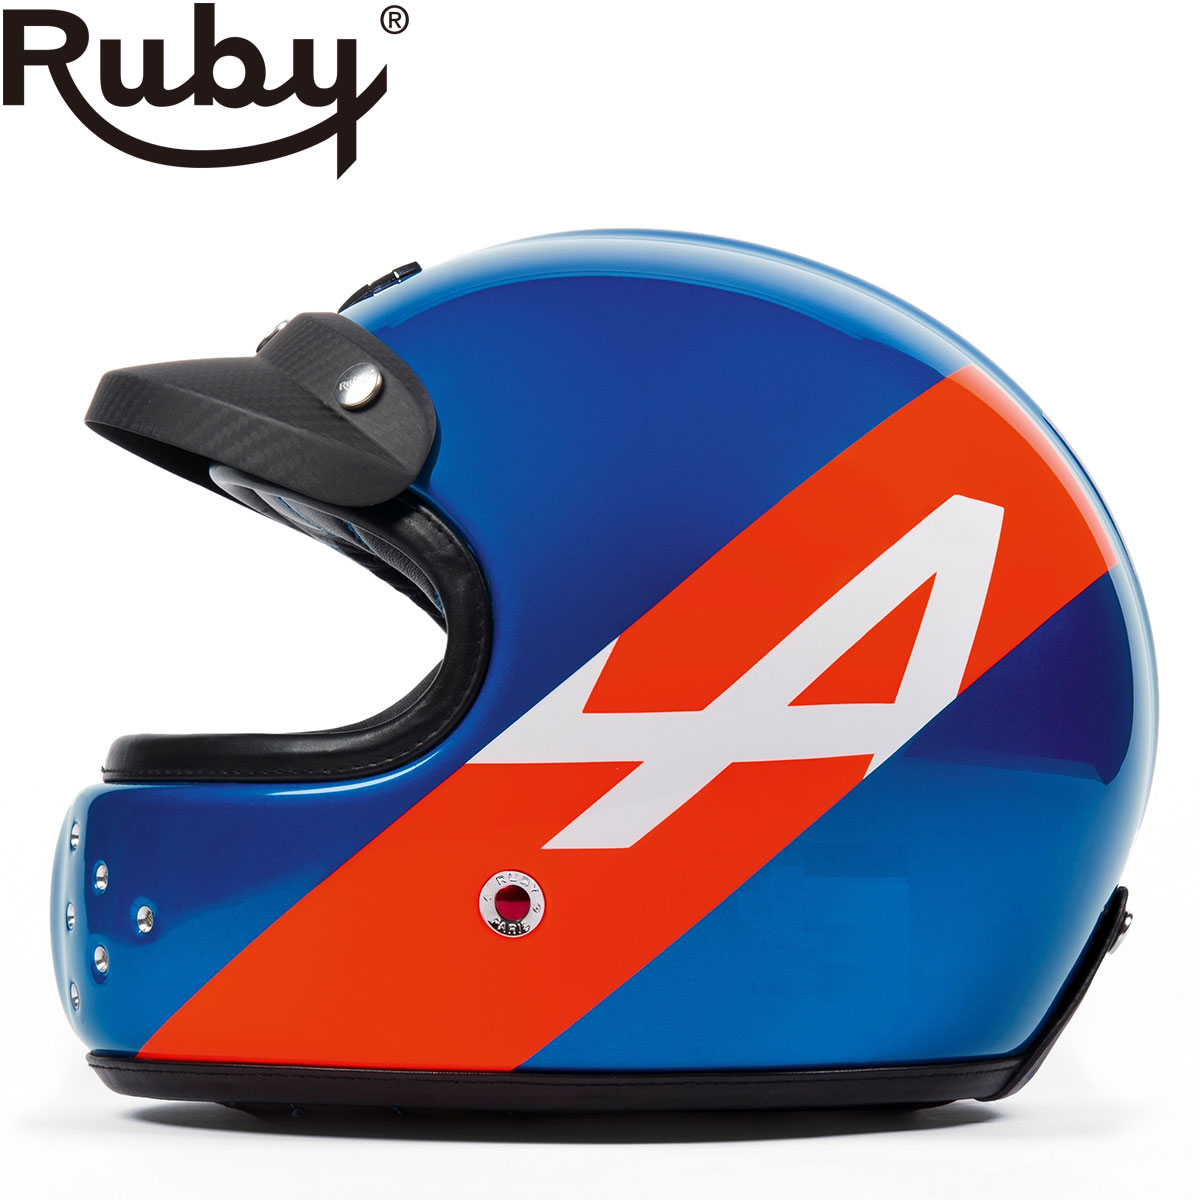 予約/受注生産【ルビー/Ruby】アルピーヌ カステル ヘルメット フルフェイス ルノー A110 ラニョッティ カーボン製 ※納期2ヶ月程度